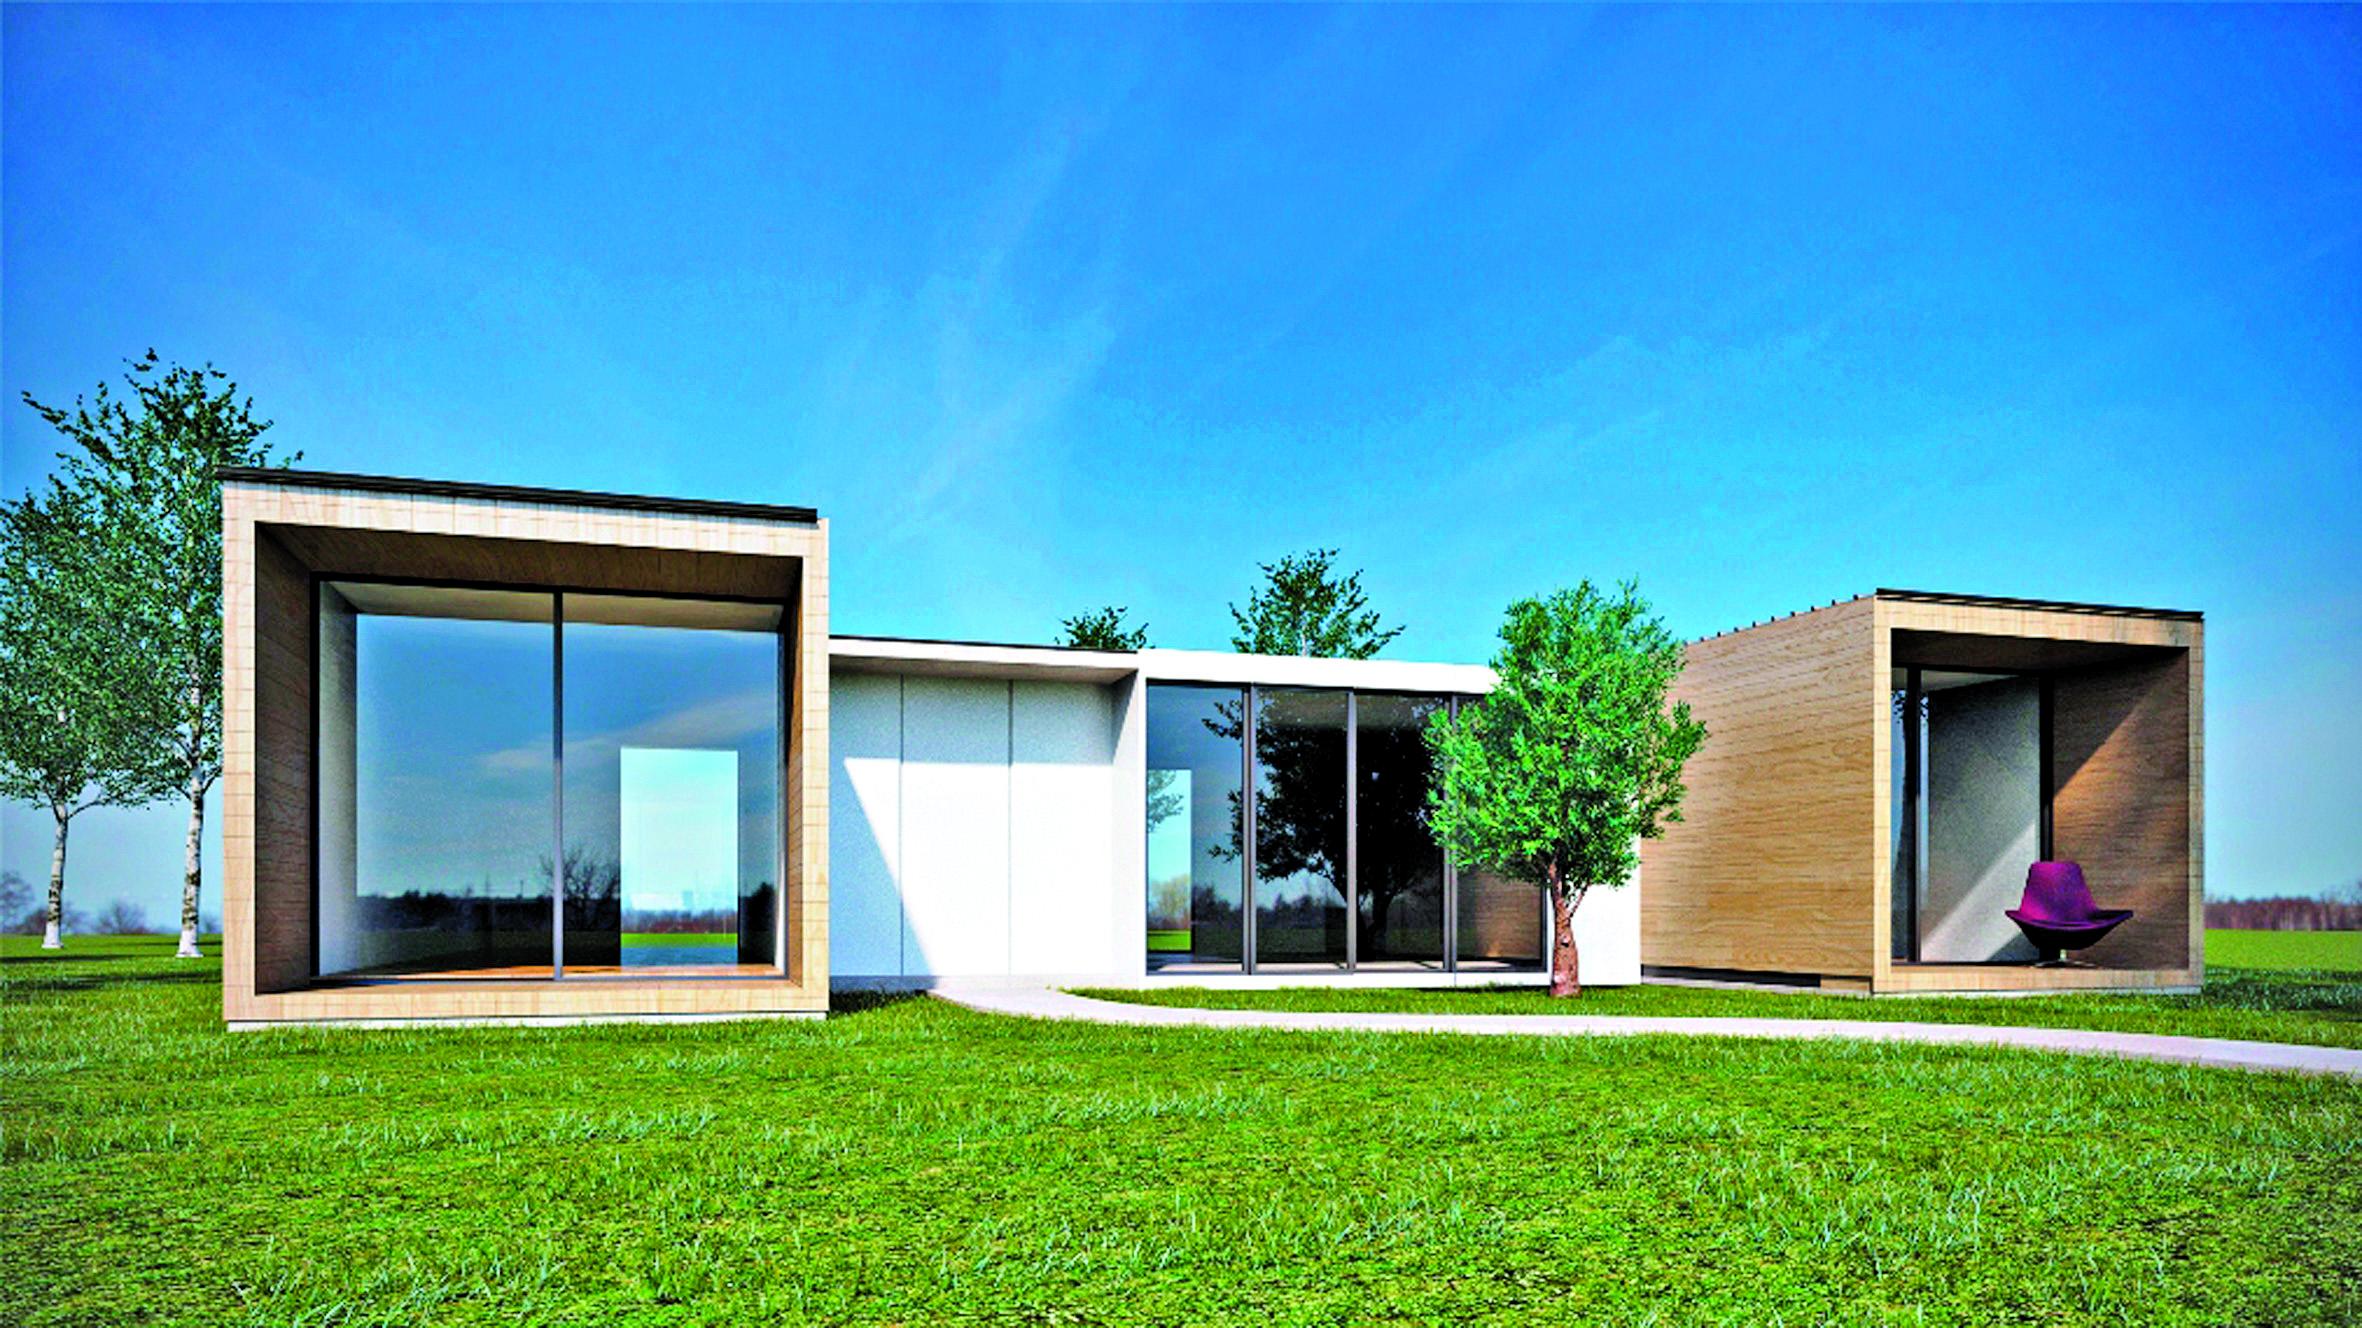 Casas modulares mais baratas e com menos burocracia - Casas modulares prefabricadas baratas ...